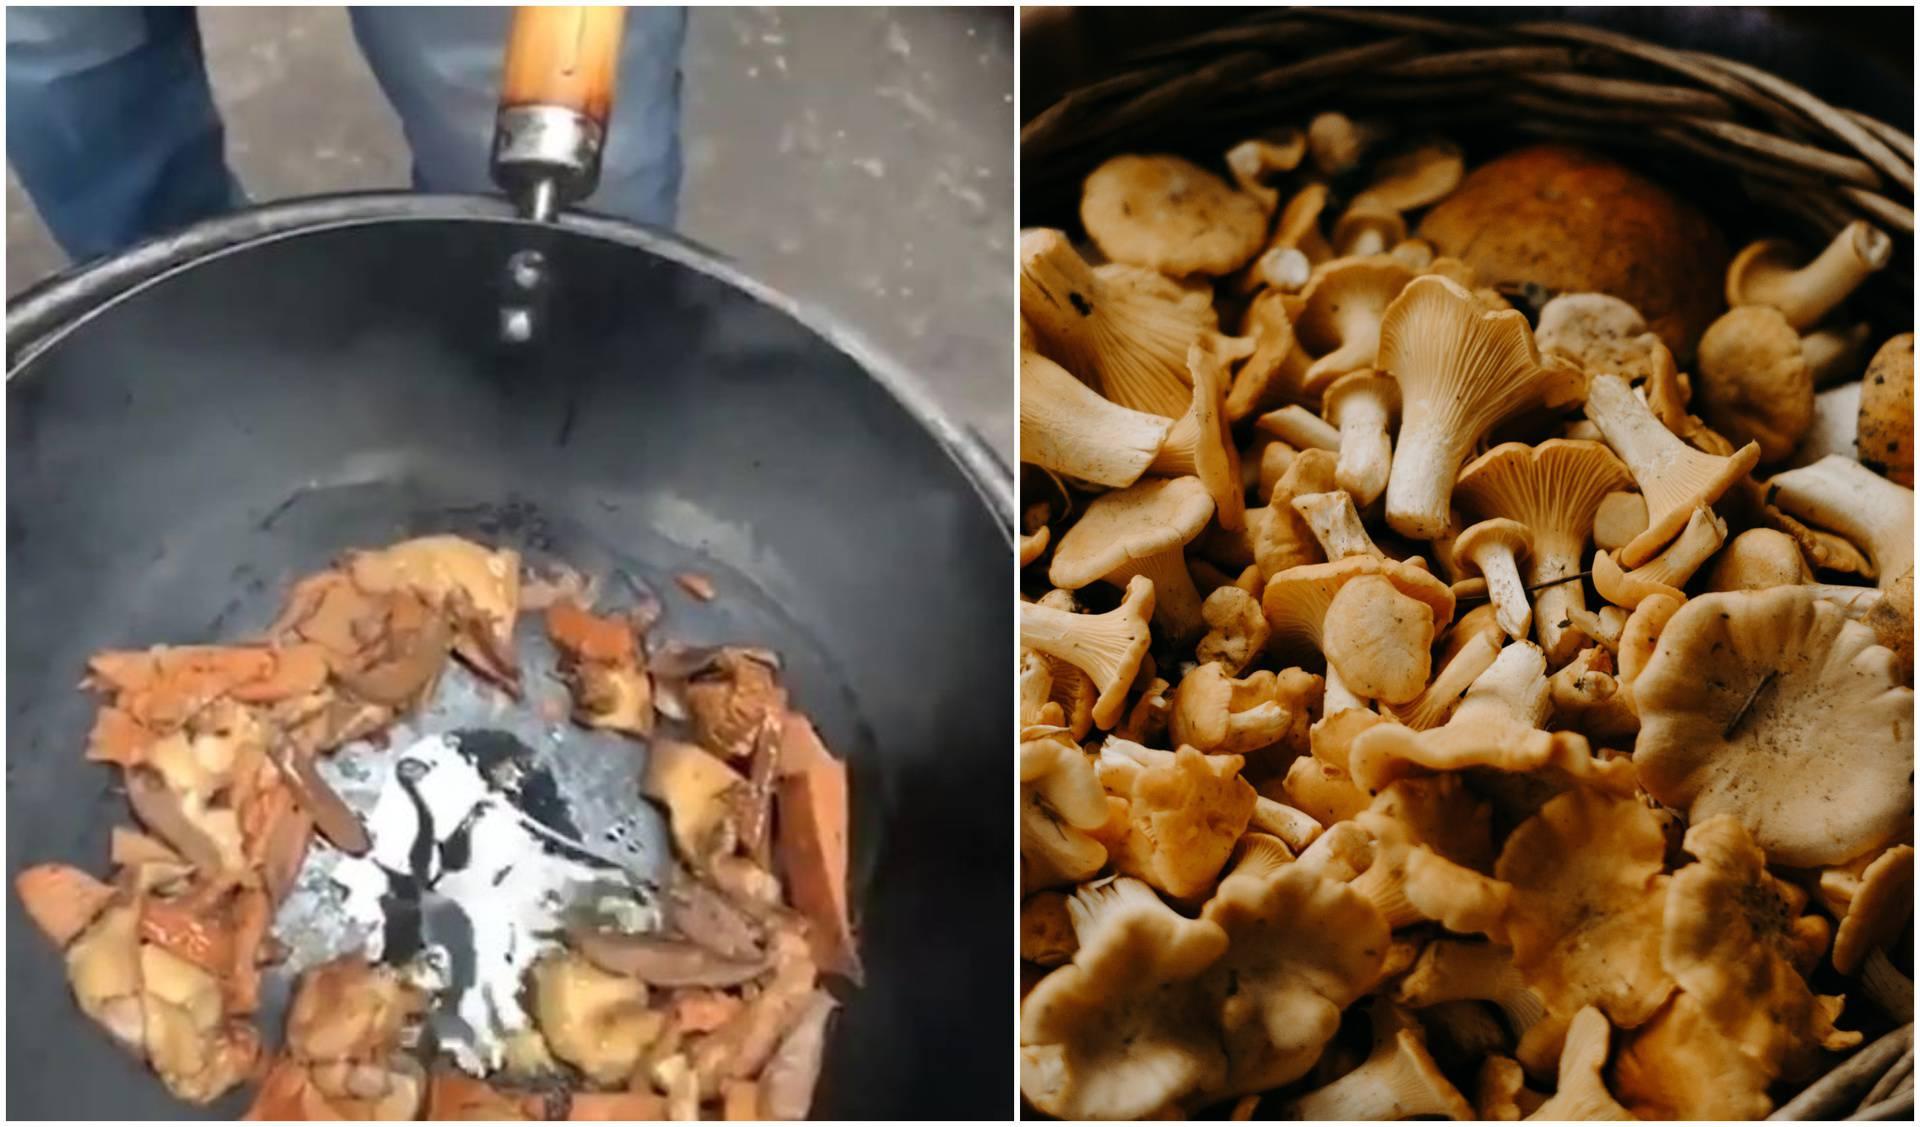 Trik za kuhanje gljiva